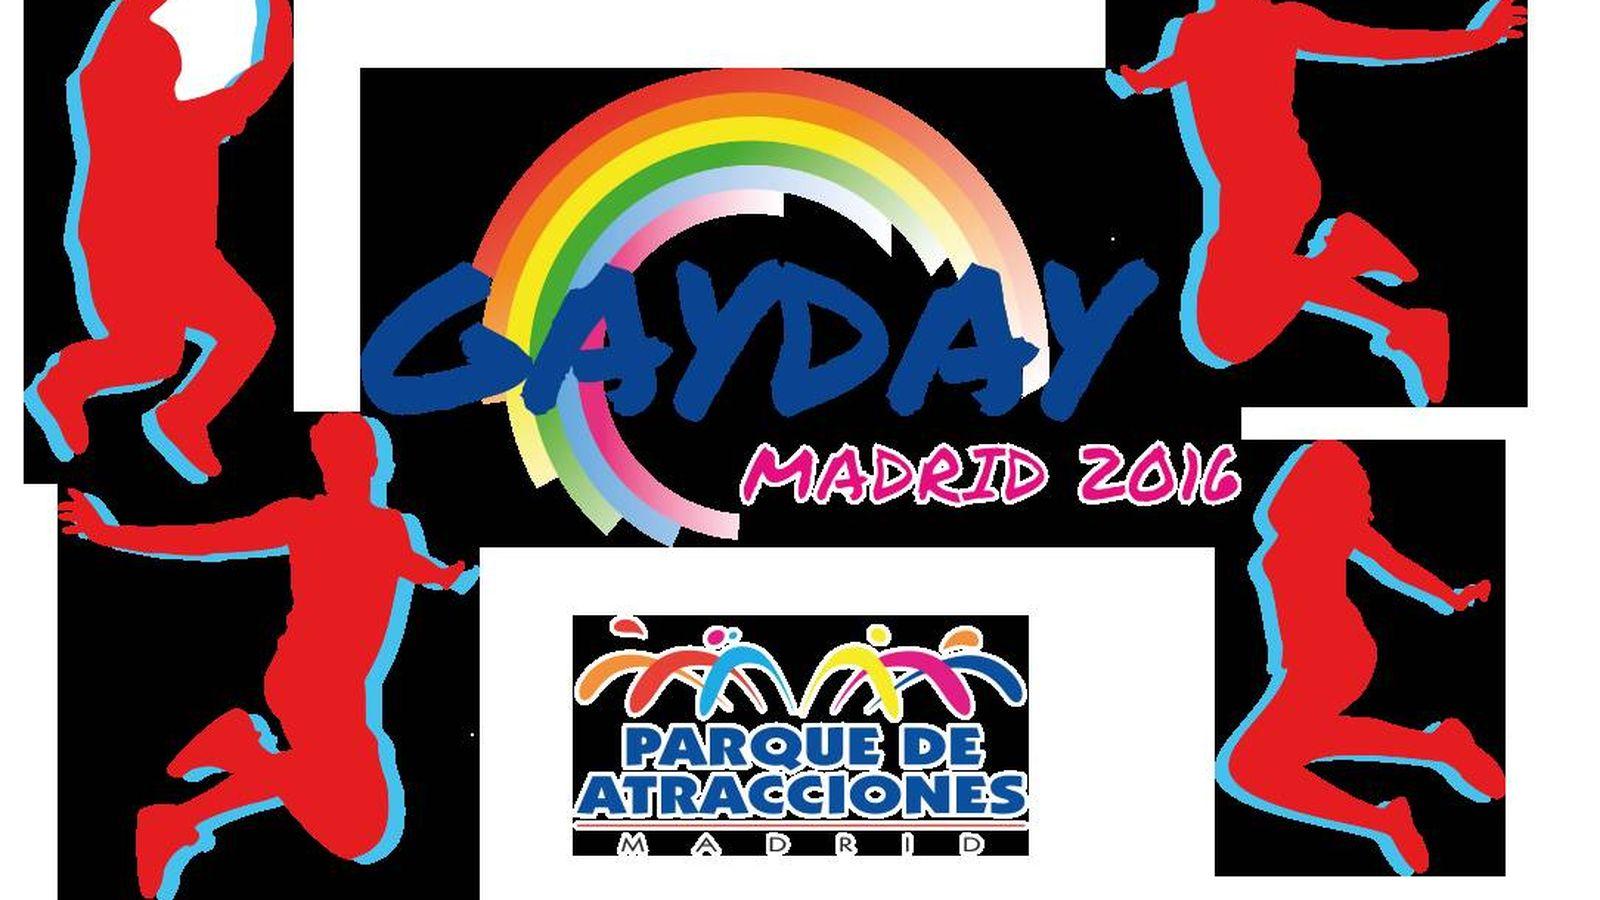 Foto: Logo del GayDay 2016 que acogerá el Parque de Atracciones de Madrid.